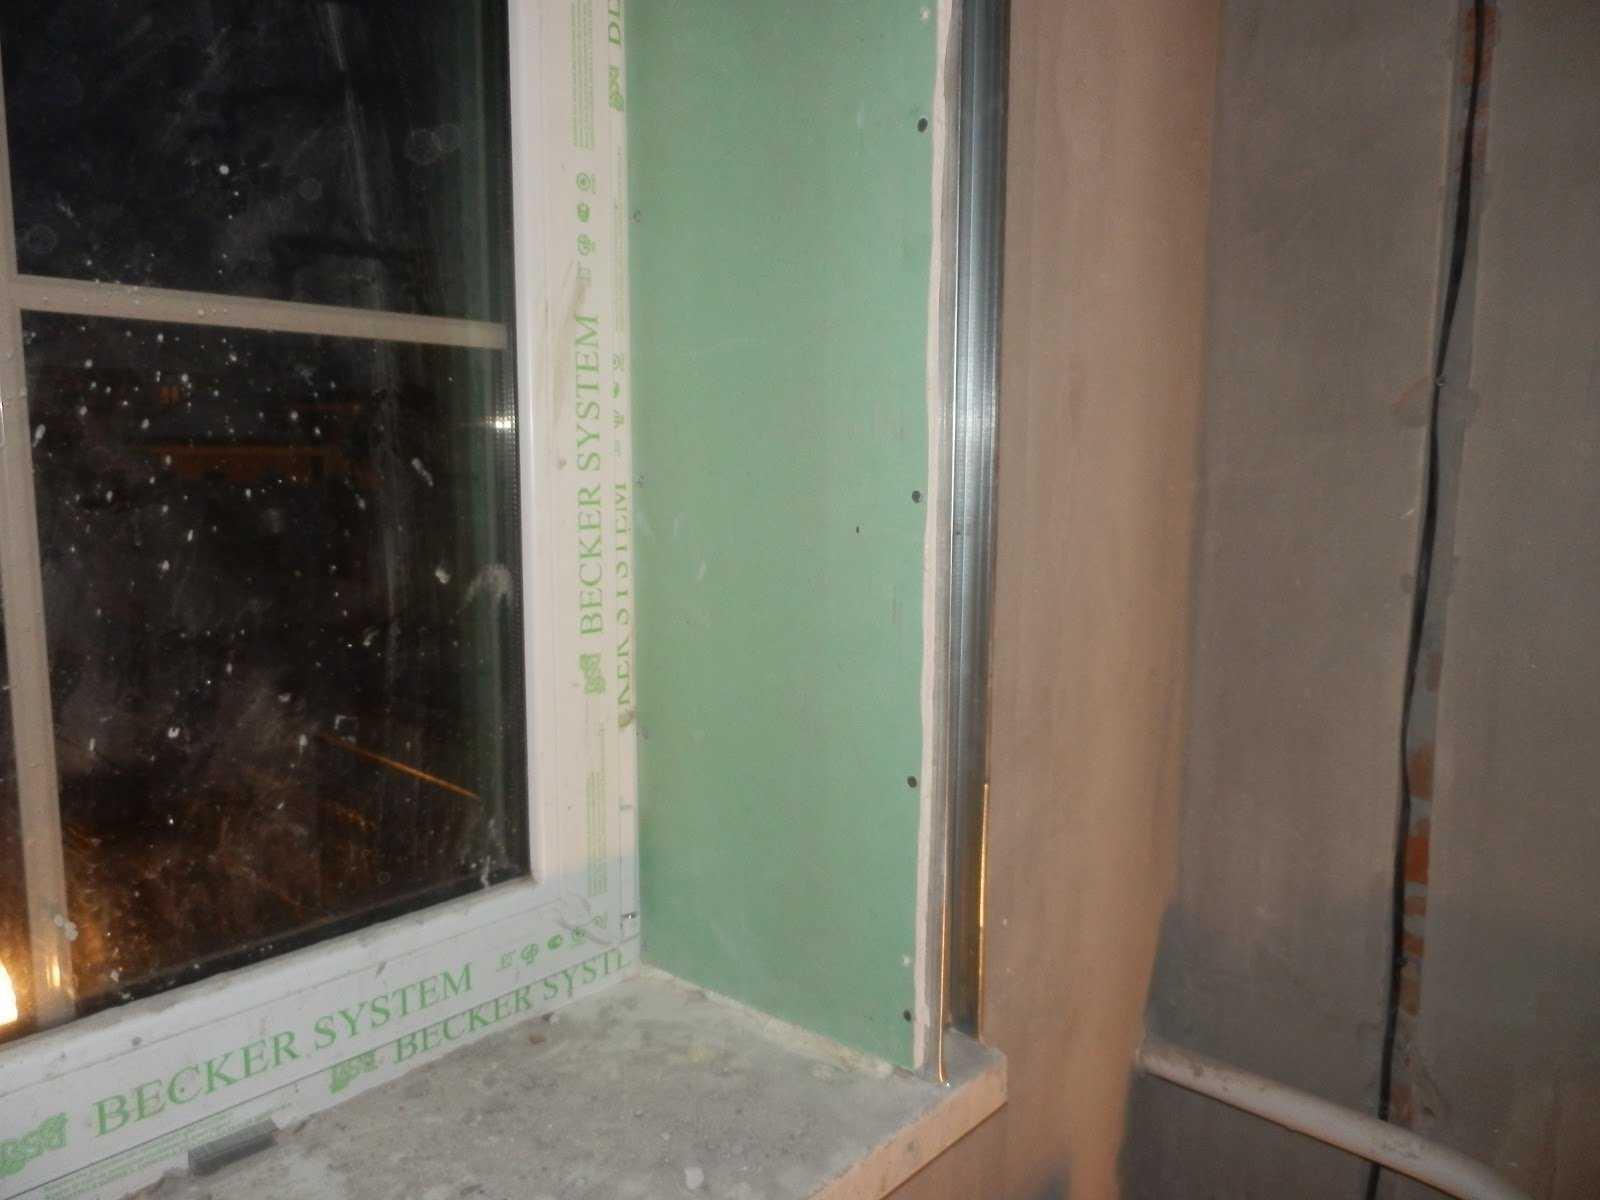 Как сделать откосы на окнах: своими руками, пошаговая инструкция, из гипсокартона, из сэндвич панелей   ремонтсами!   информационный портал